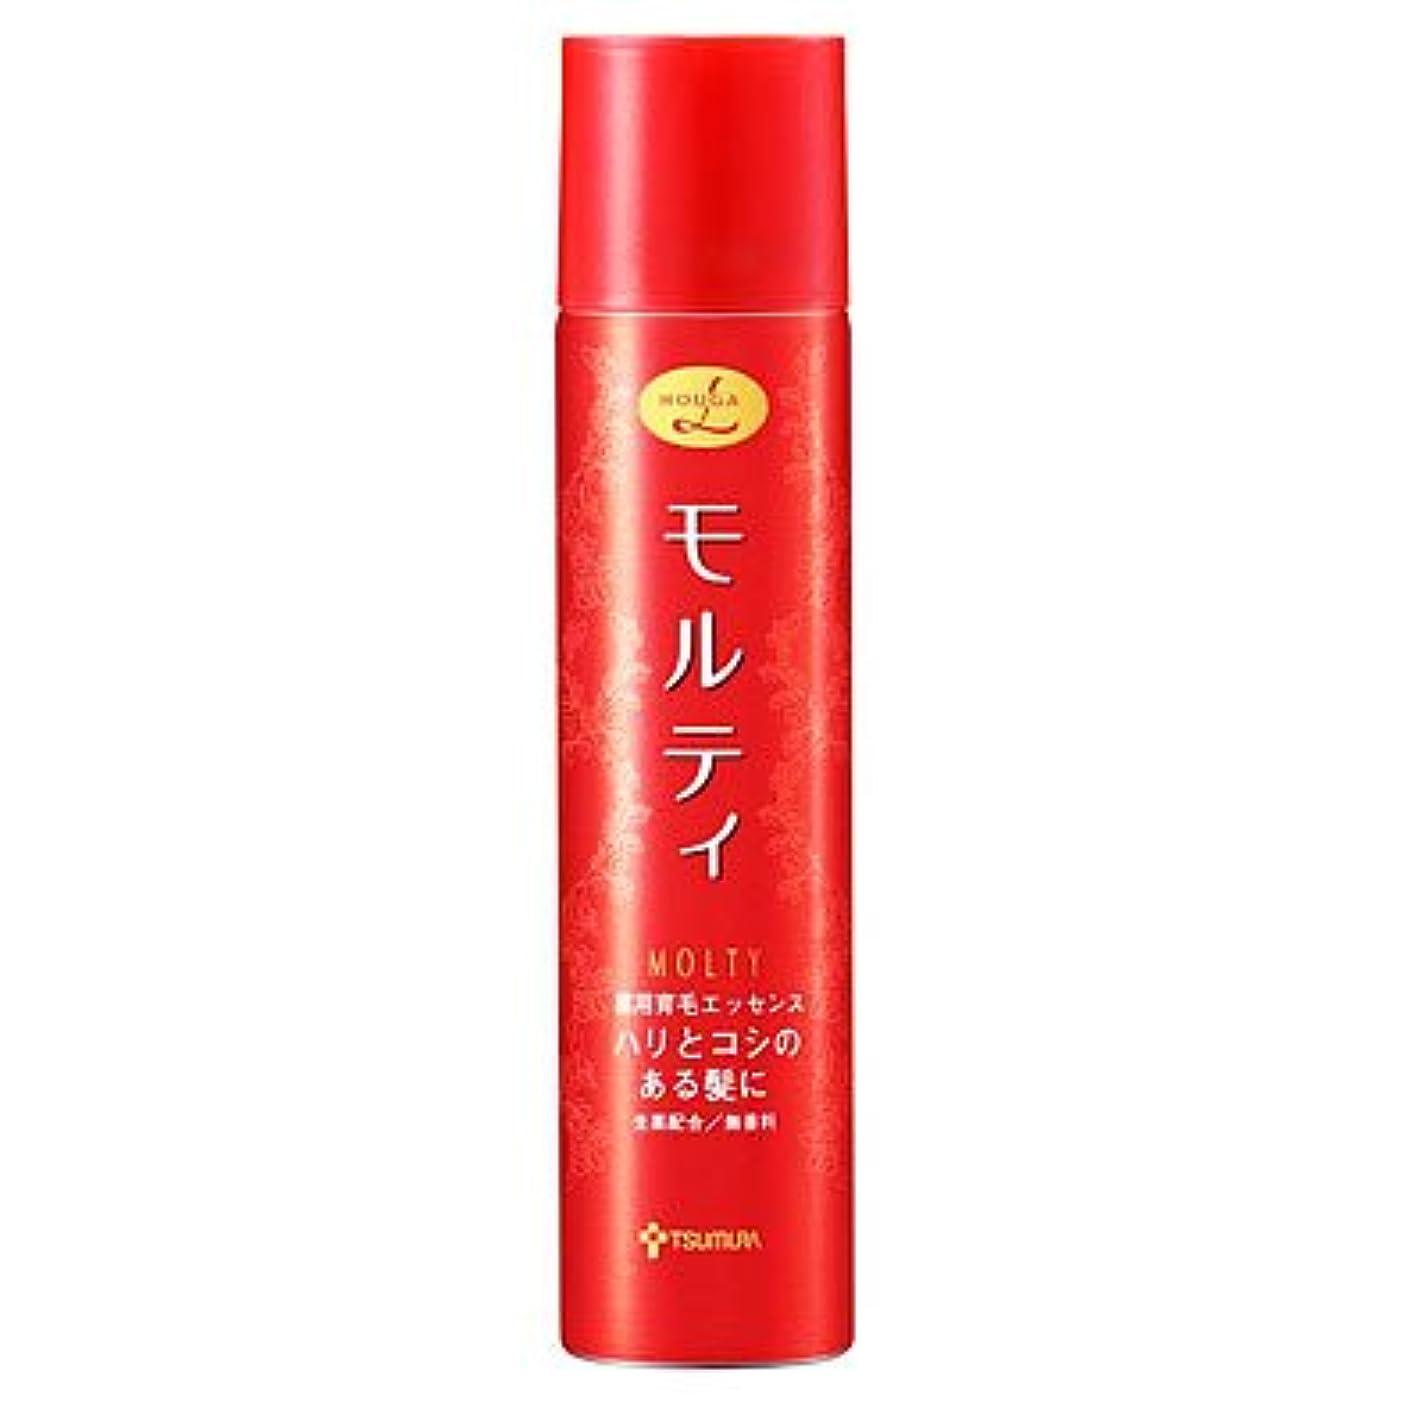 憂鬱研究郵便物モルティ 薬用育毛エッセンス ノンオイリータイプ 130g